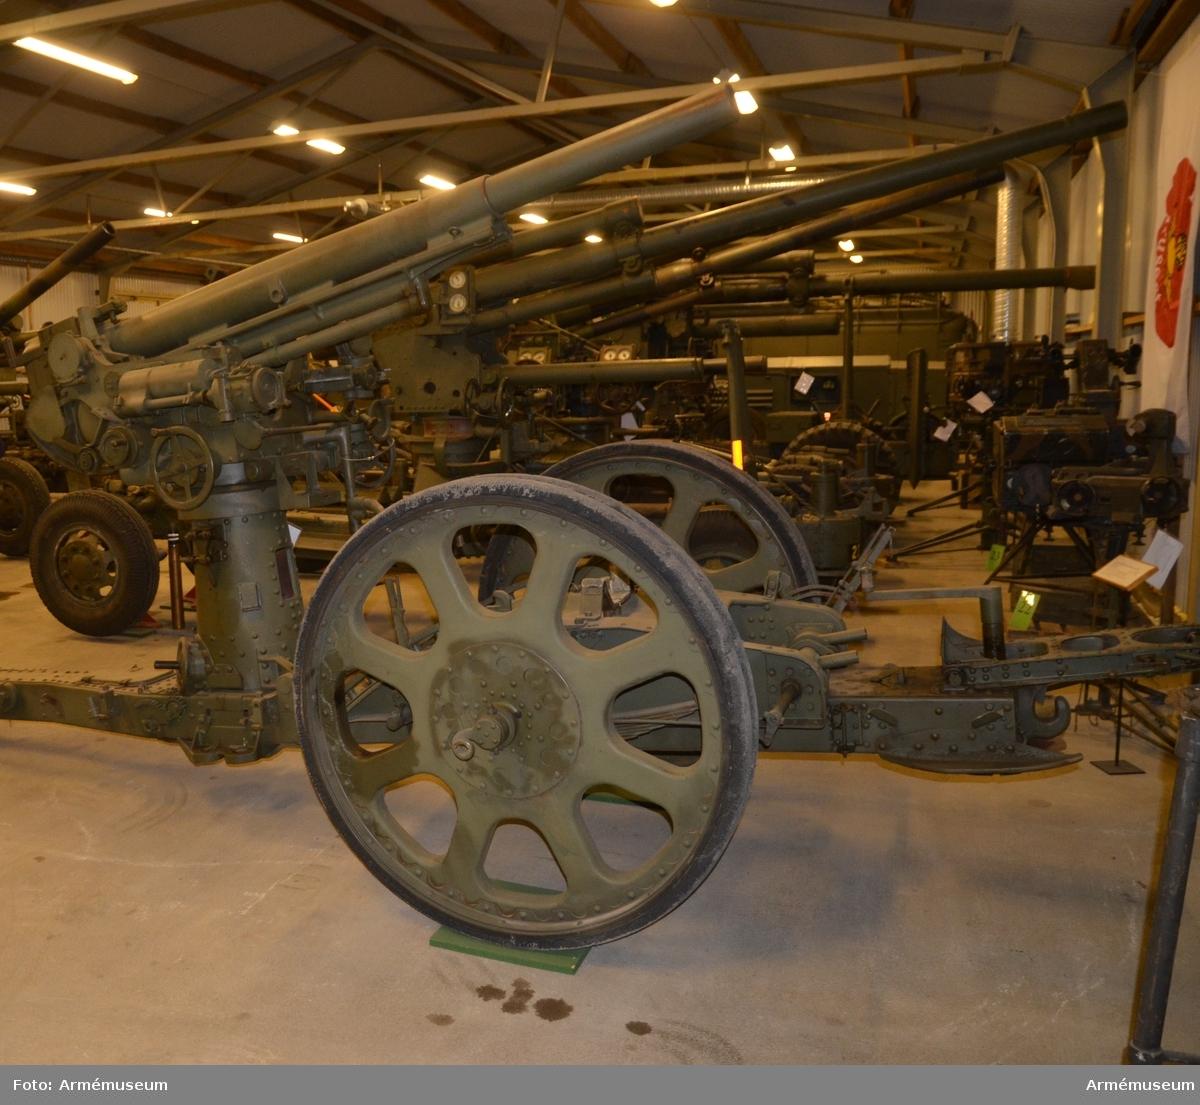 Grupp F I.  Lavett till 8 cm kanon m/1925, Nr 1.